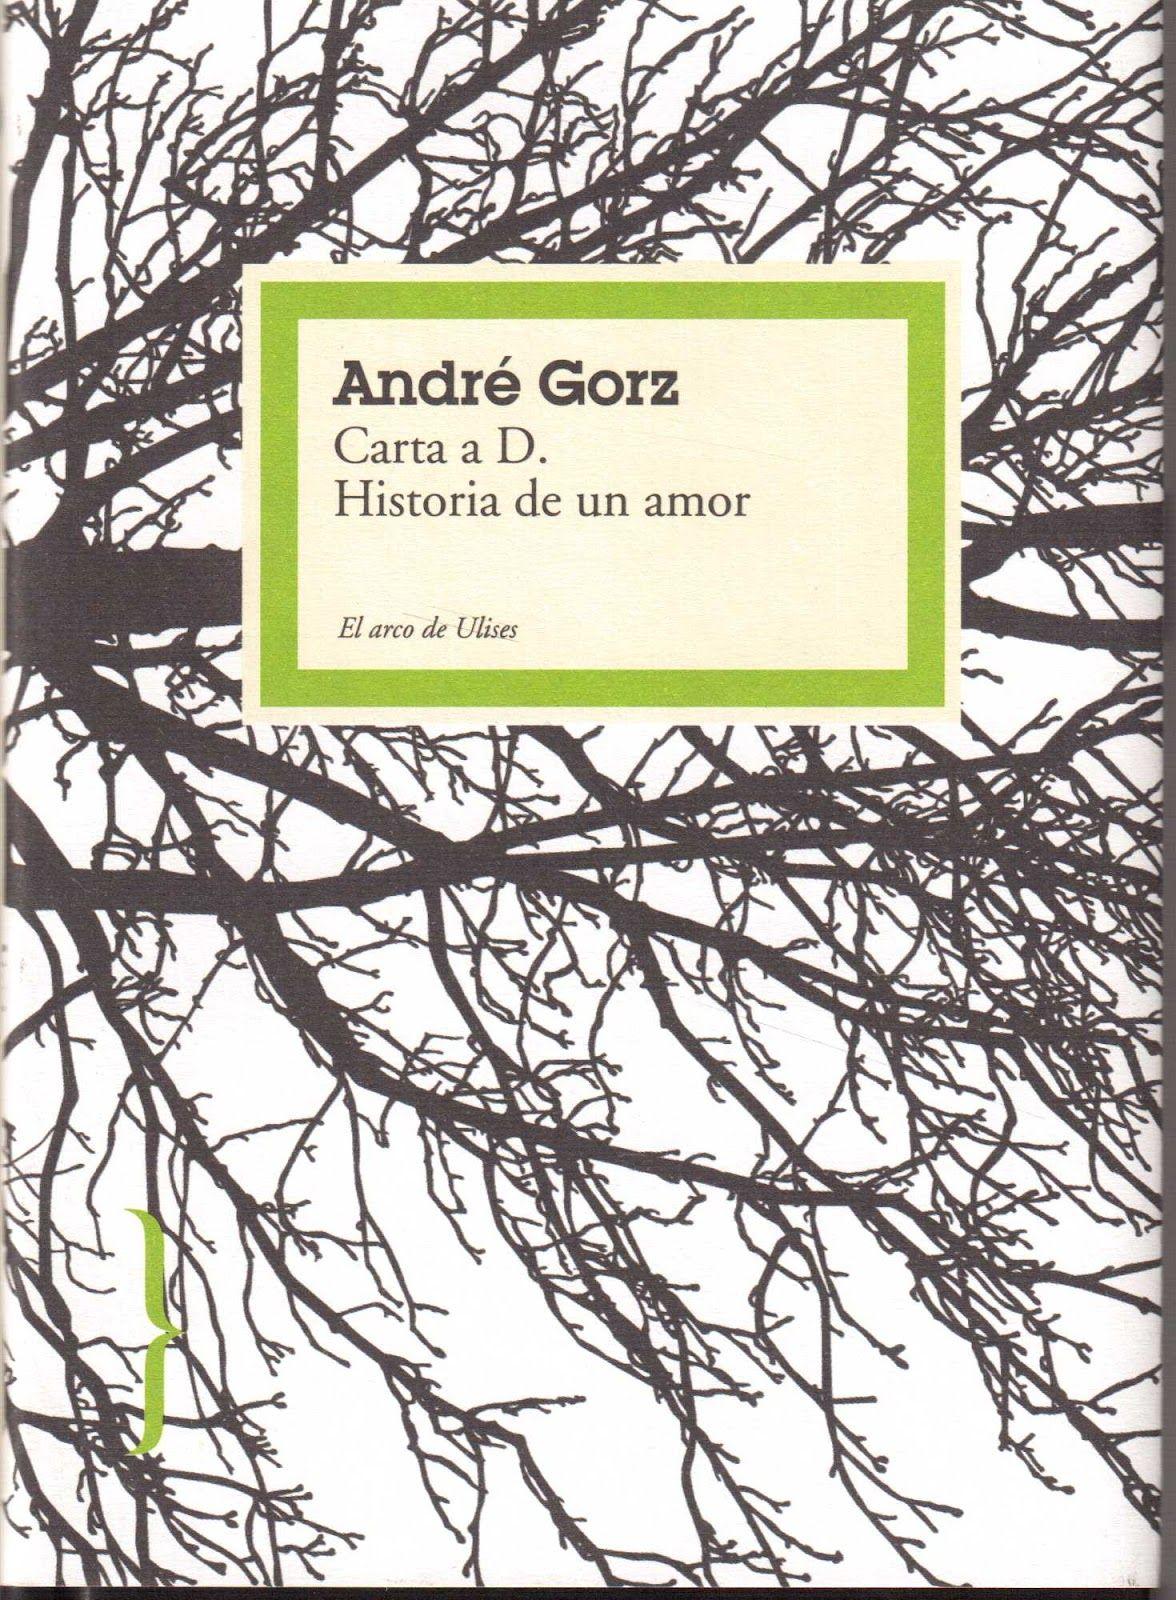 Carta a D. : historia de un amor / André Gorz